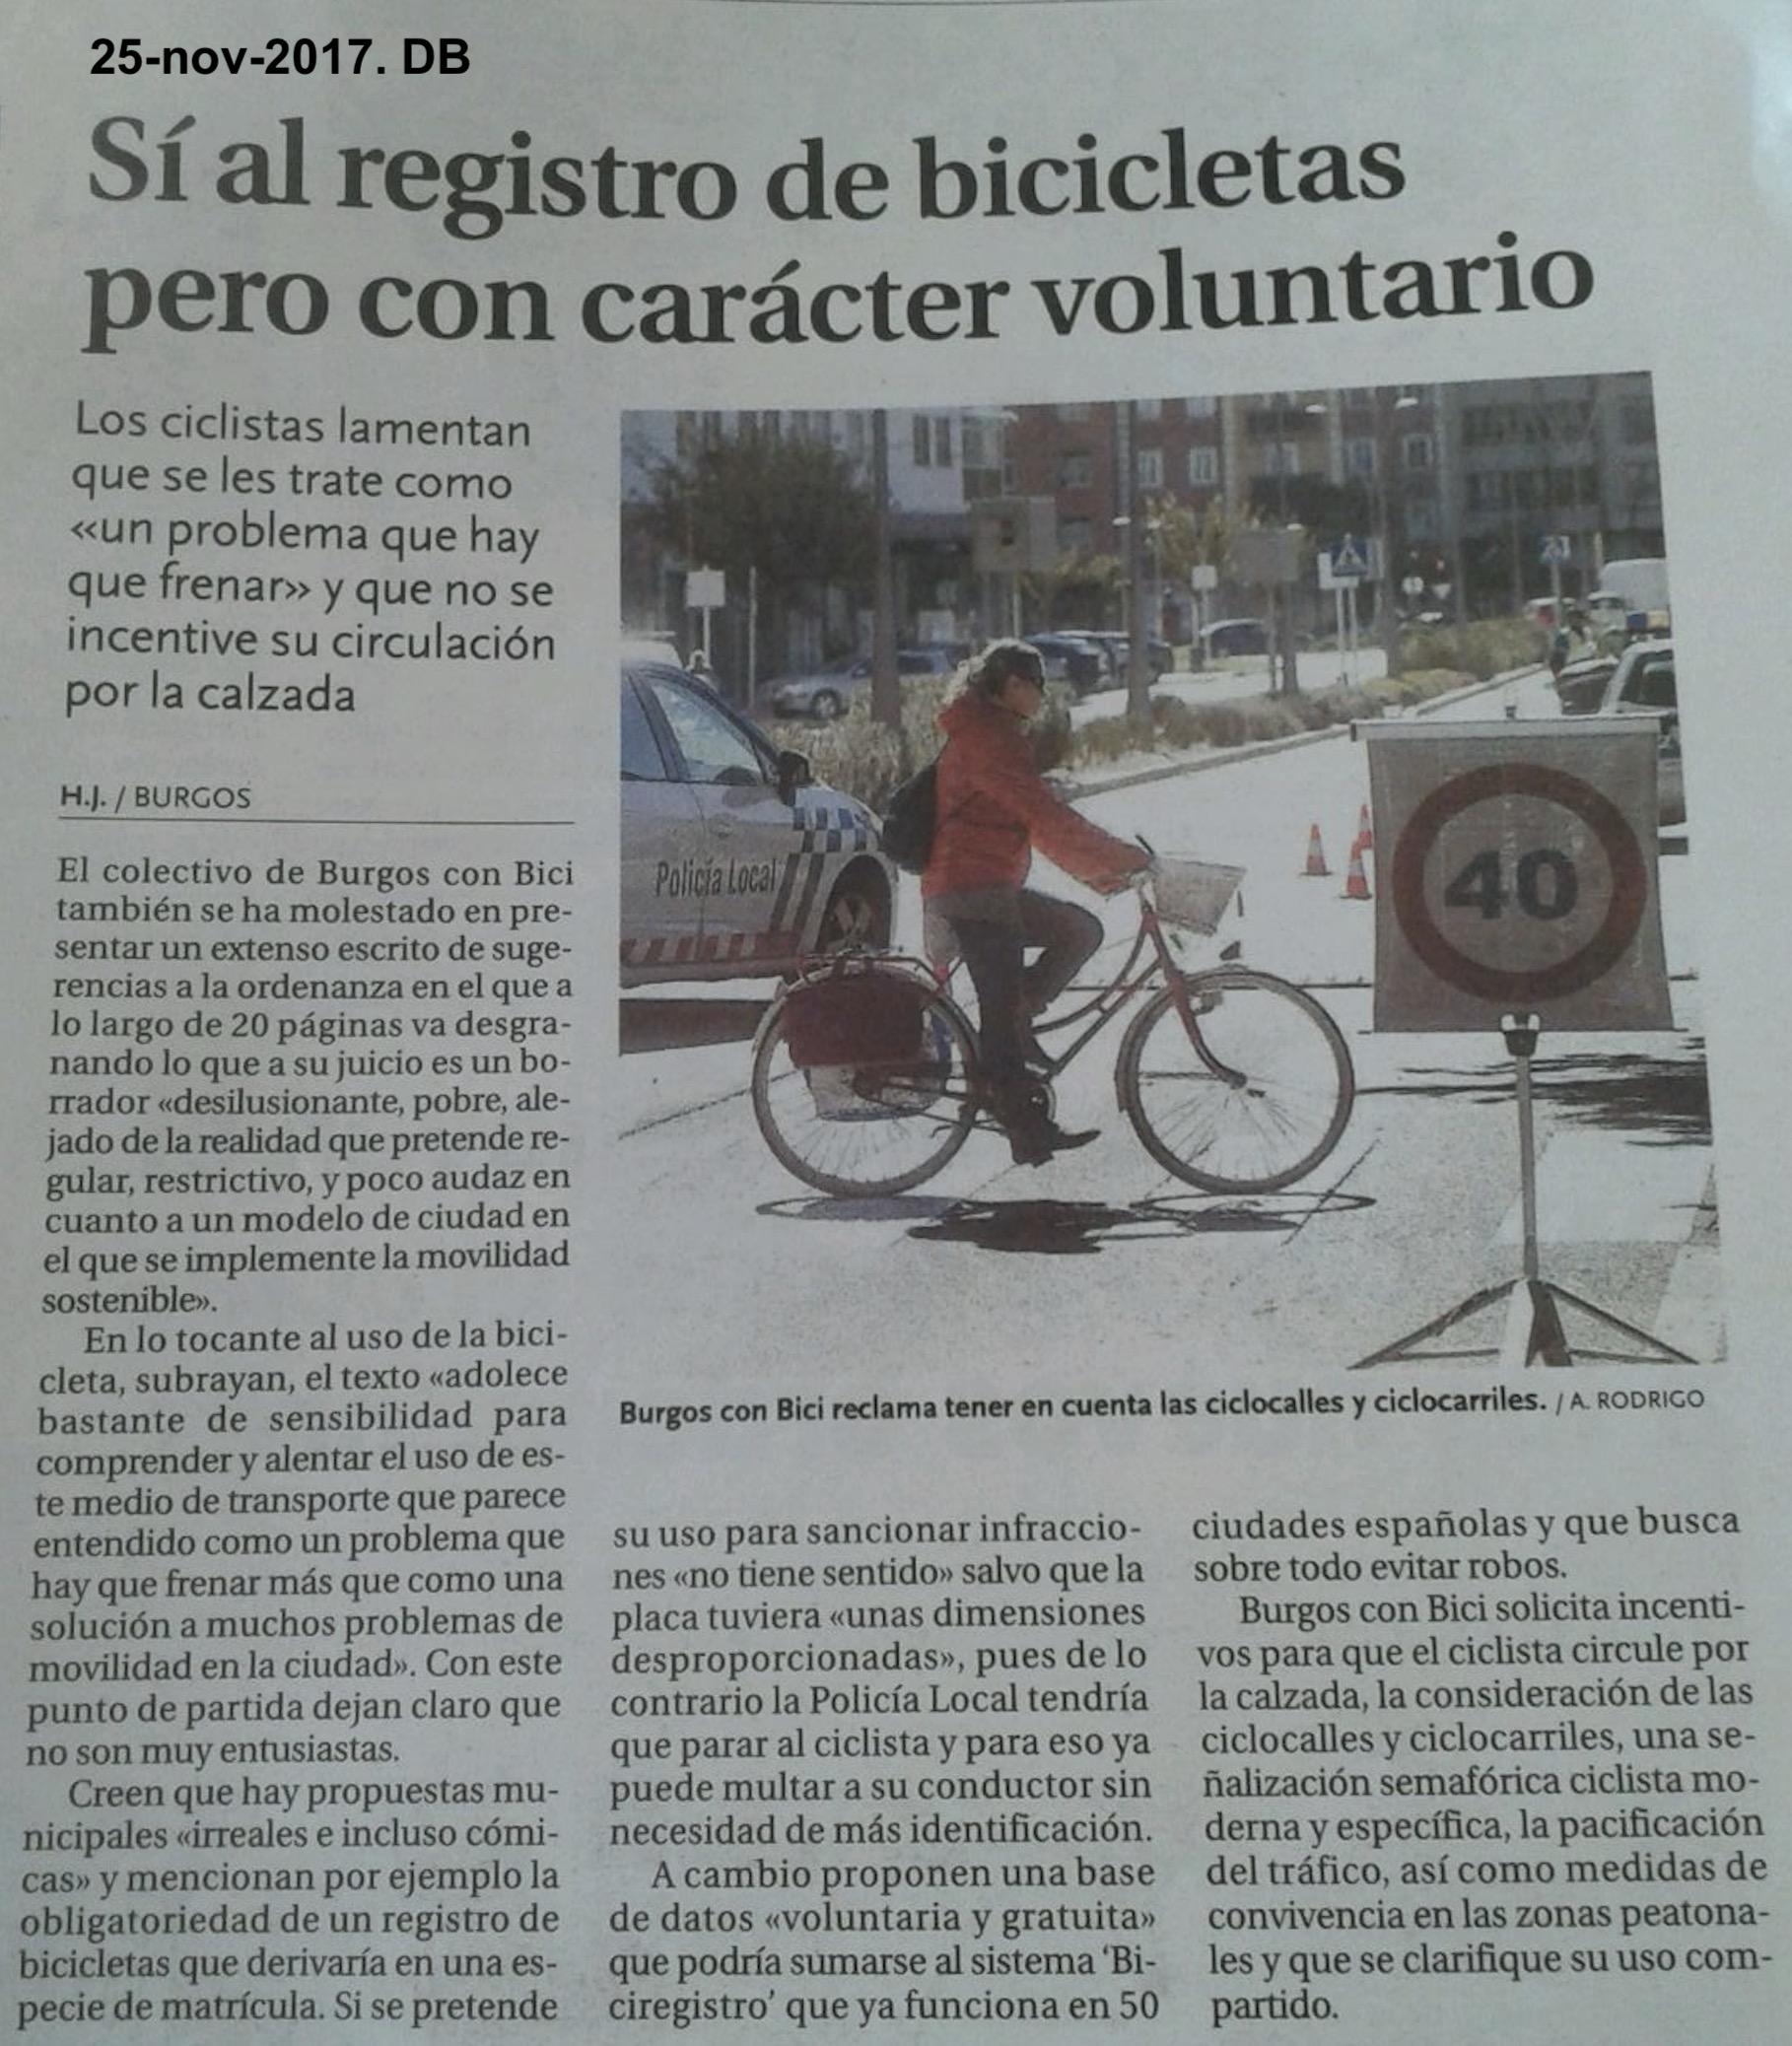 20171125. DB. si al registro de bicicletas pero voluntario..